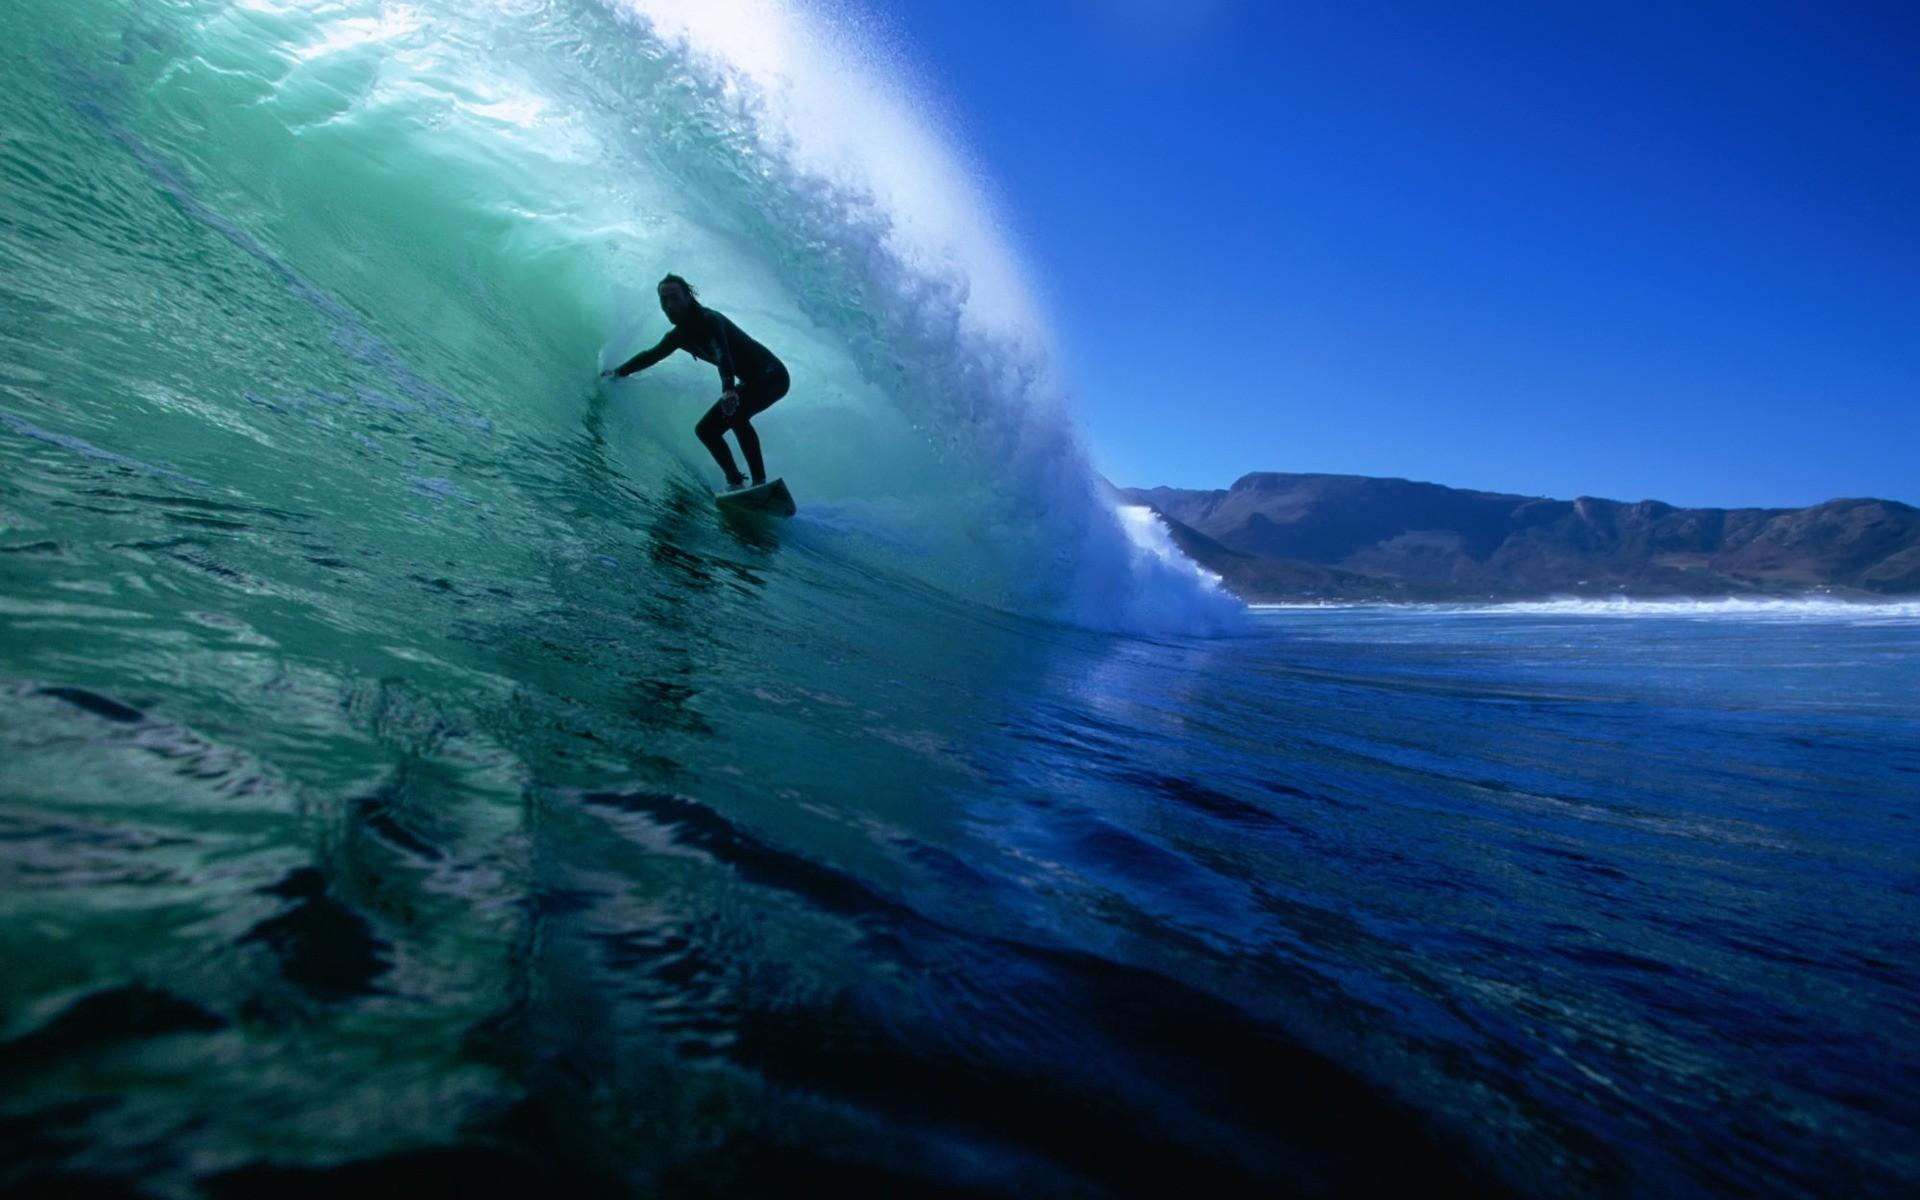 Surfing - 1920x1200